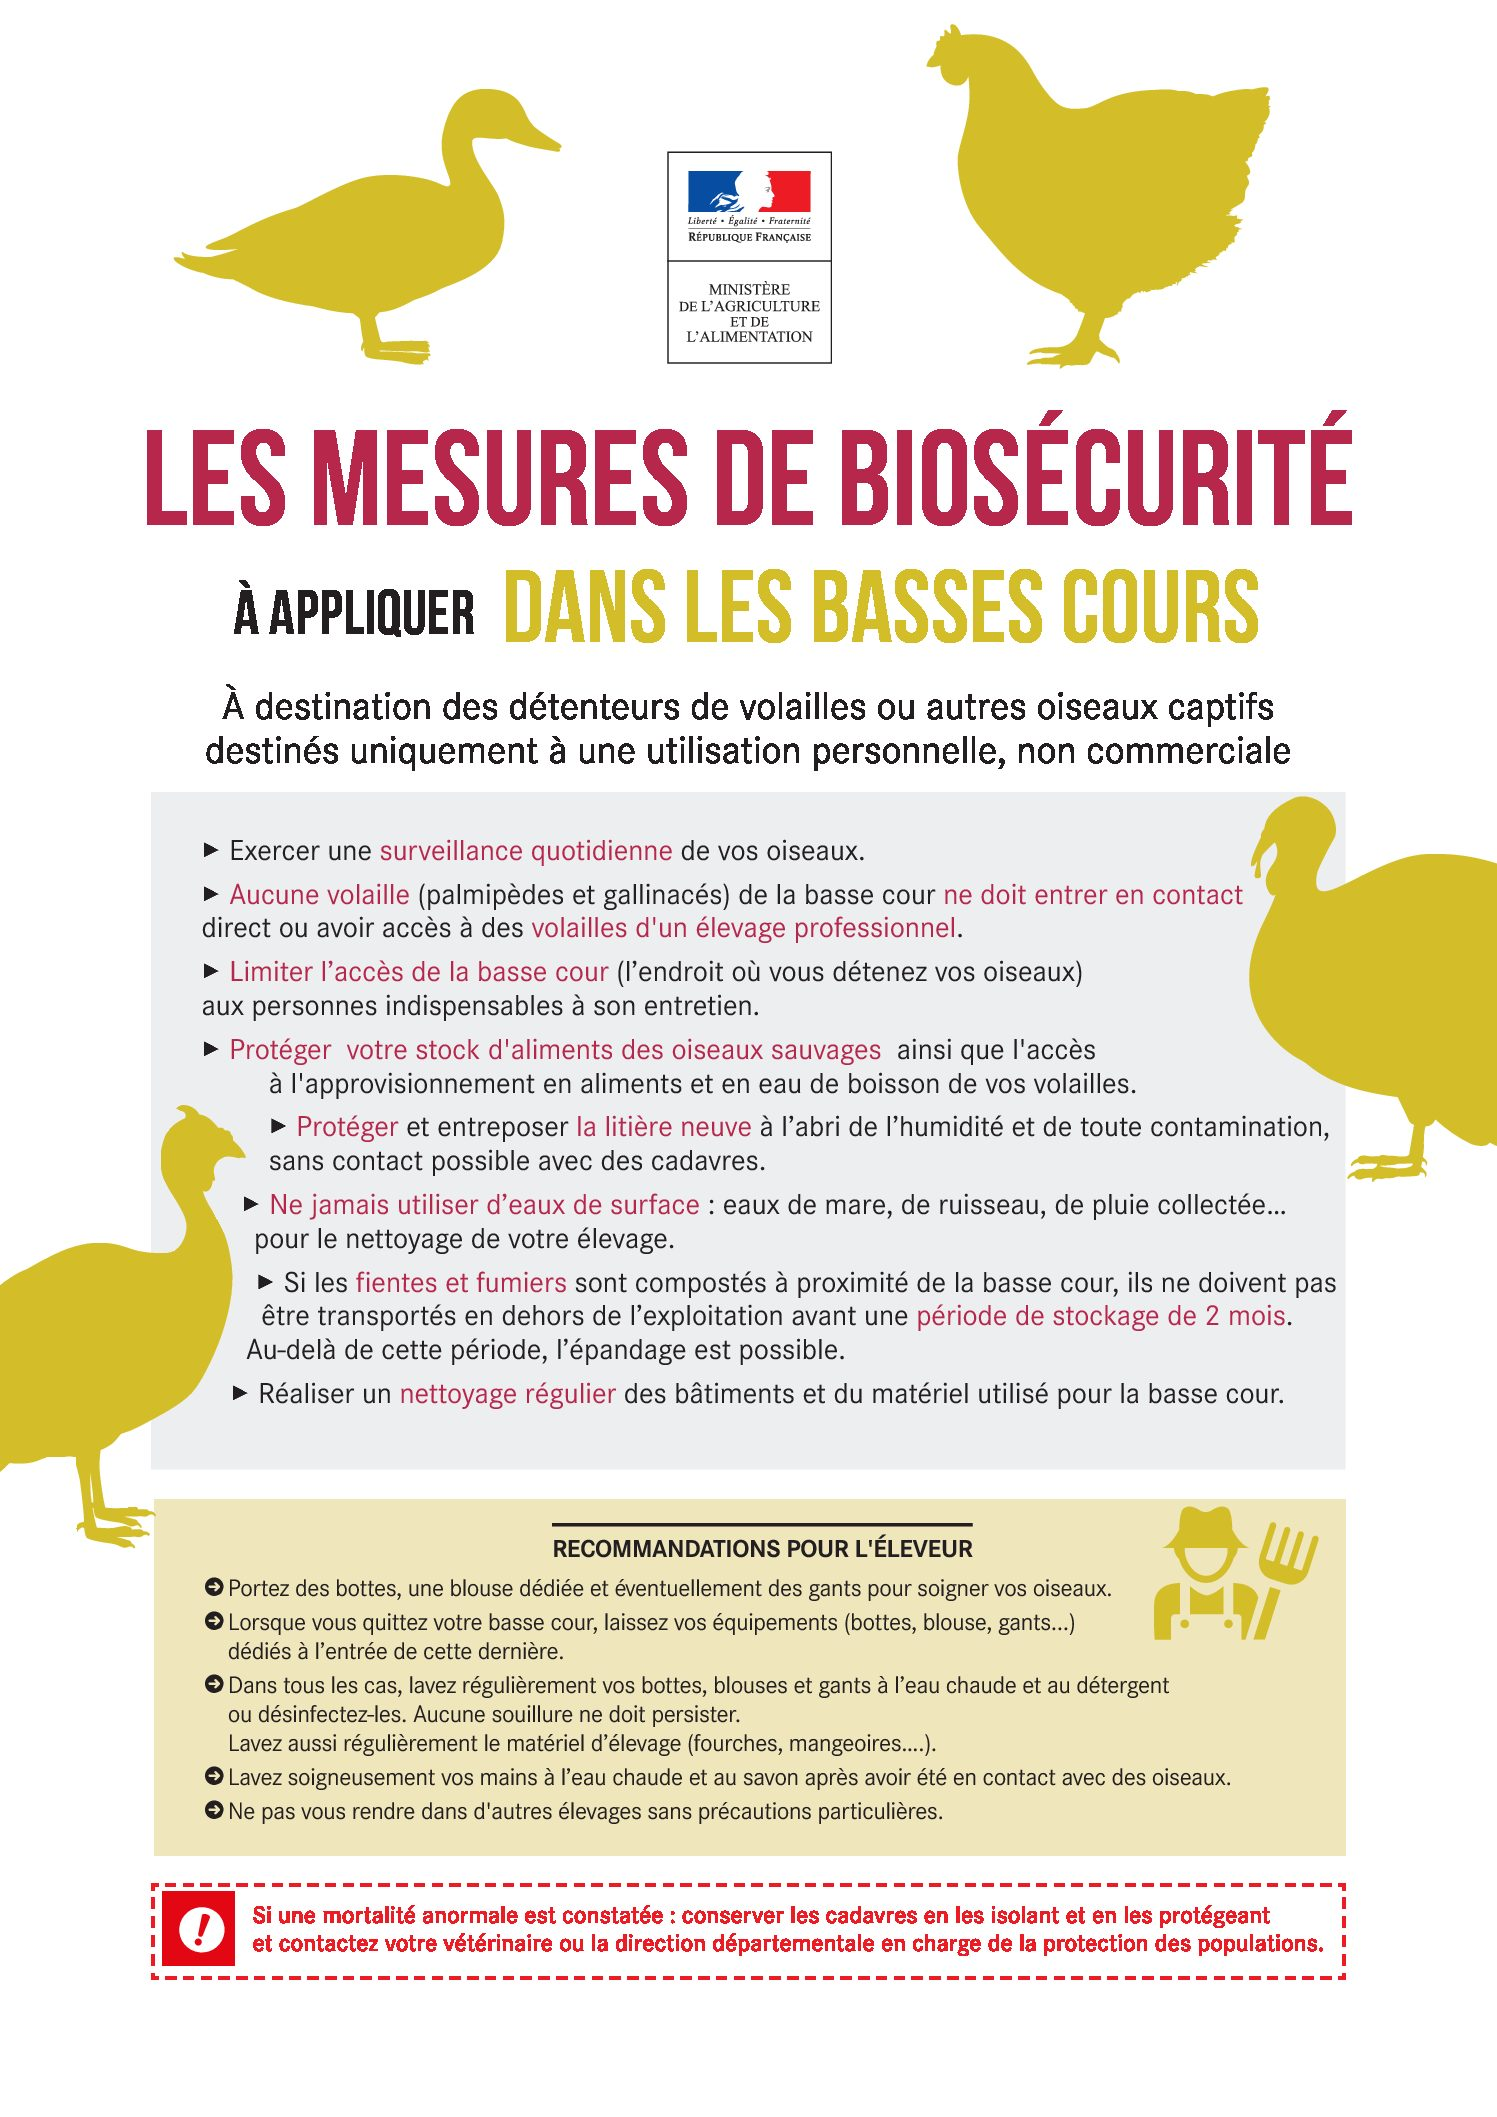 Mesures de Biosécurité à appliquer dans les basses cours